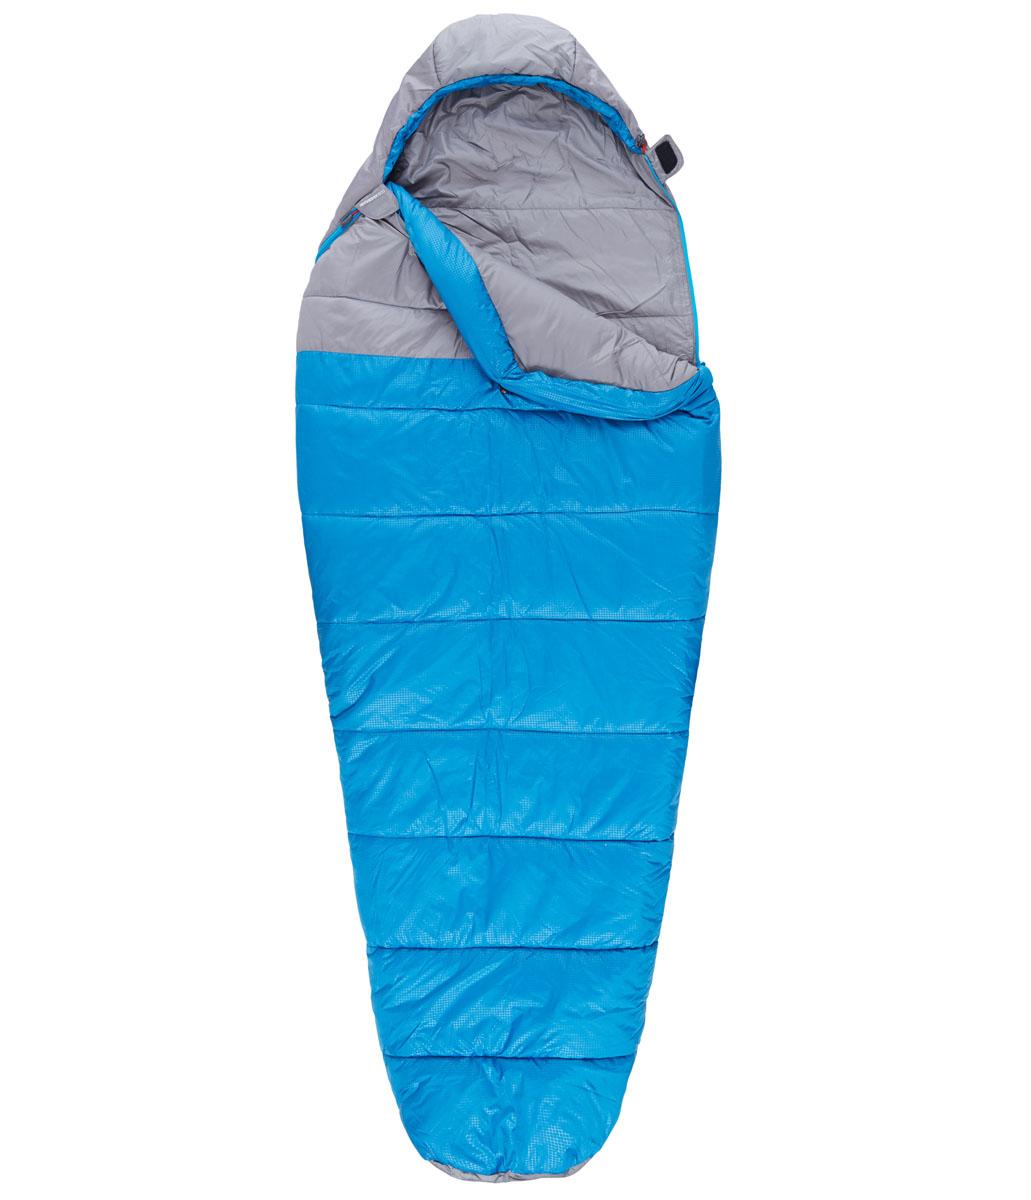 Спальный мешок The North Face Aleutian 20/-7, цвет: синий. T0A3A0M8RRH LNG